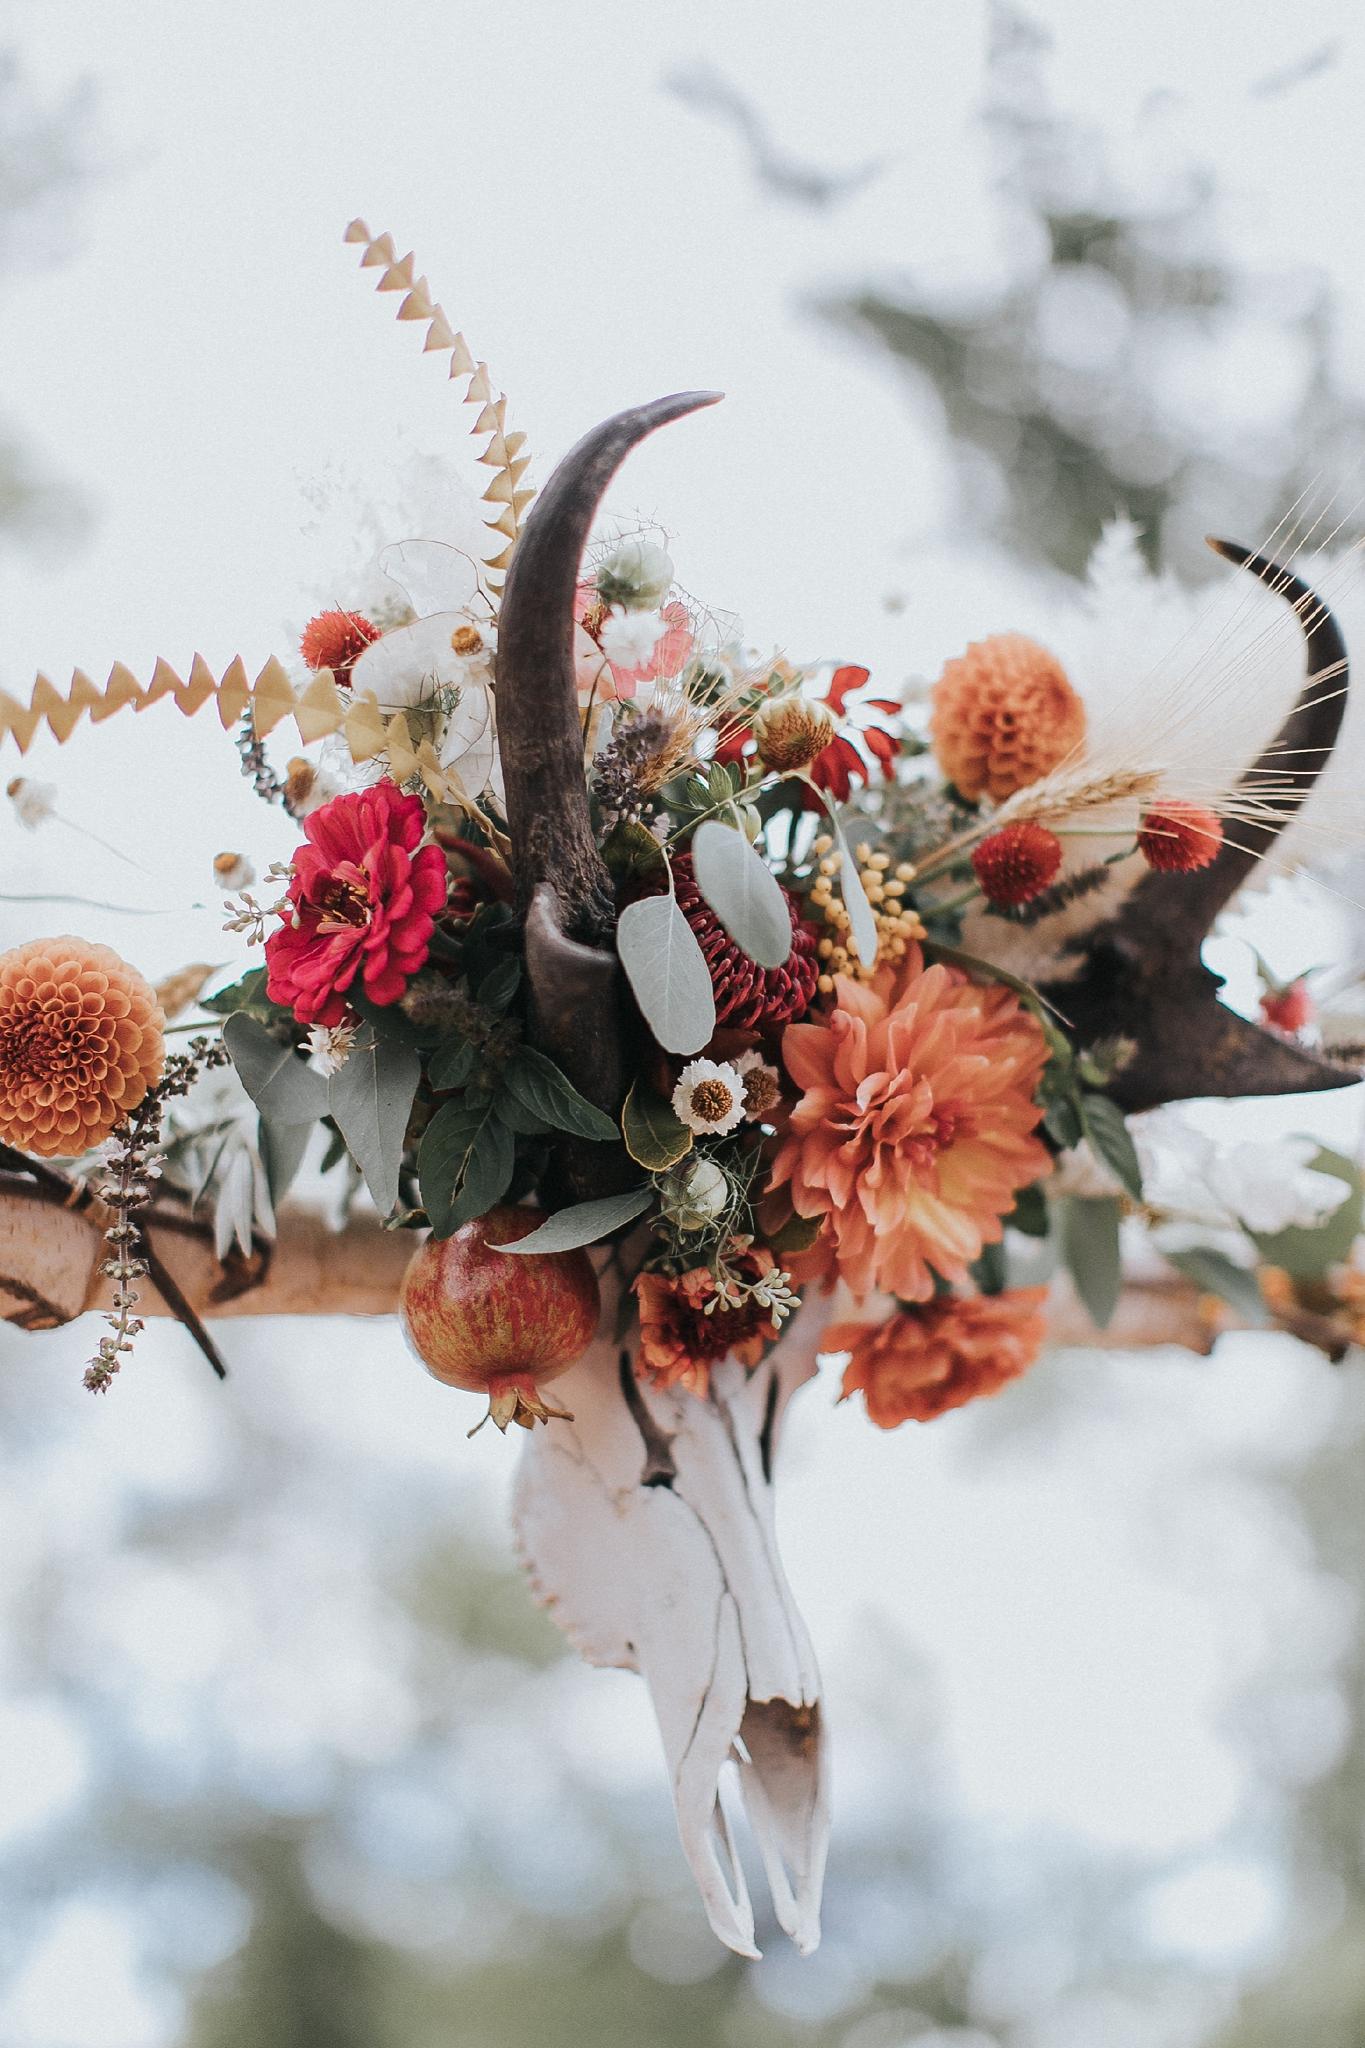 Alicia+lucia+photography+-+albuquerque+wedding+photographer+-+santa+fe+wedding+photography+-+new+mexico+wedding+photographer+-+new+mexico+wedding+-+new+mexico+florist+-+floriography+flowers+-+floriography+flowers+new+mexico+-+wedding+florist_0095.jpg